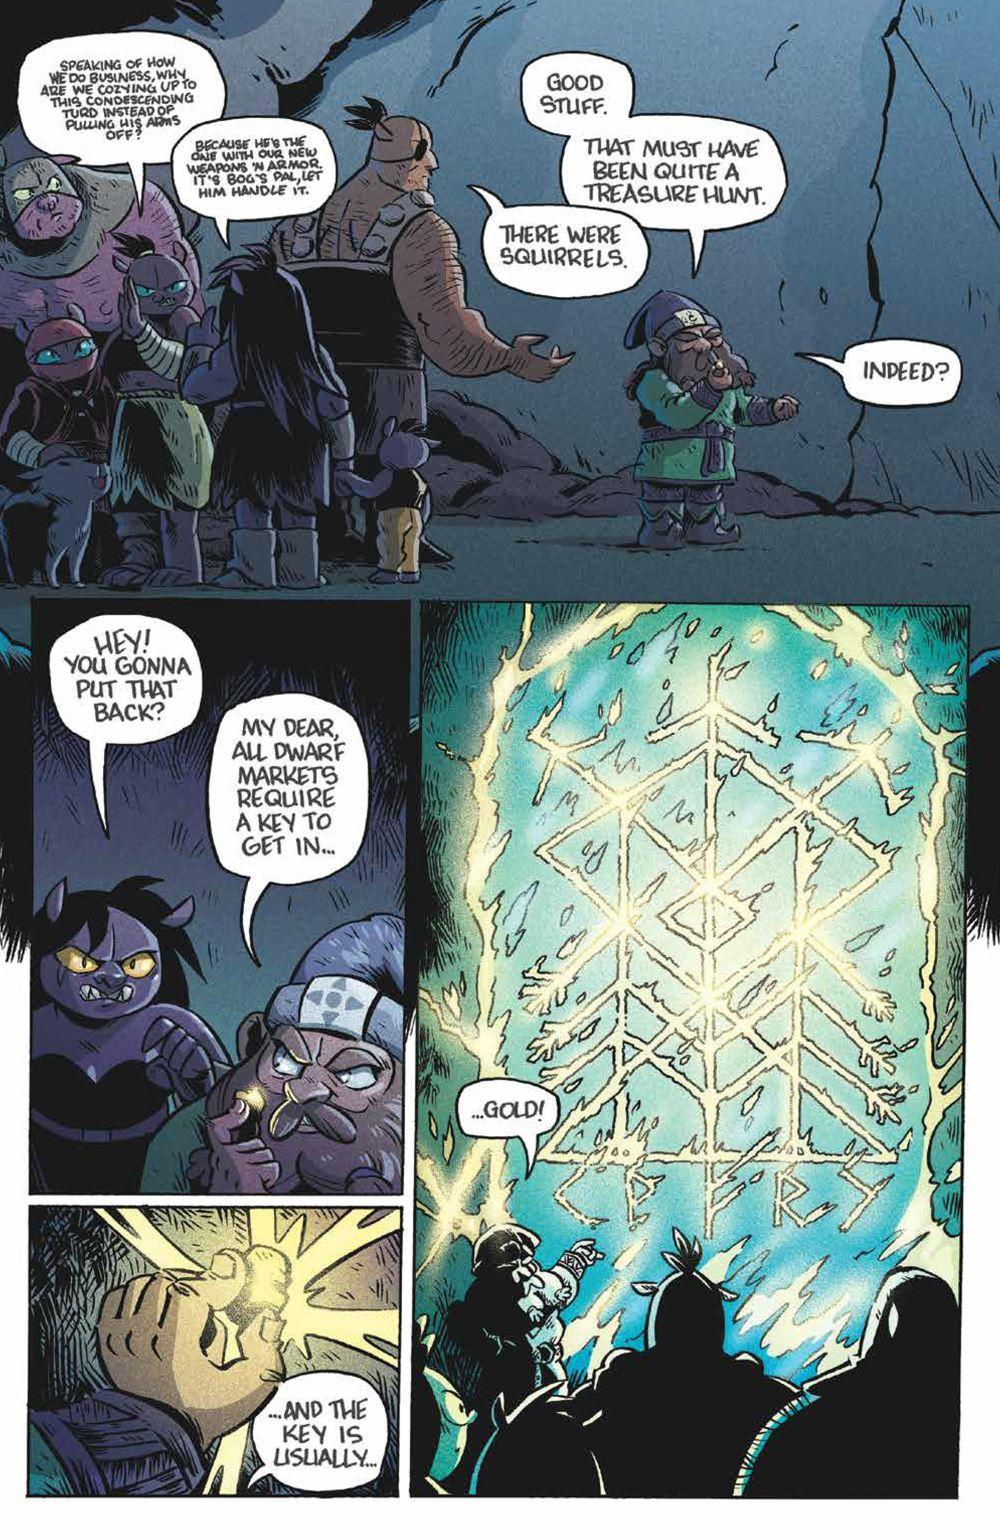 Orcs_004_PRESS_7 ComicList Previews: ORCS! #4 (OF 6)